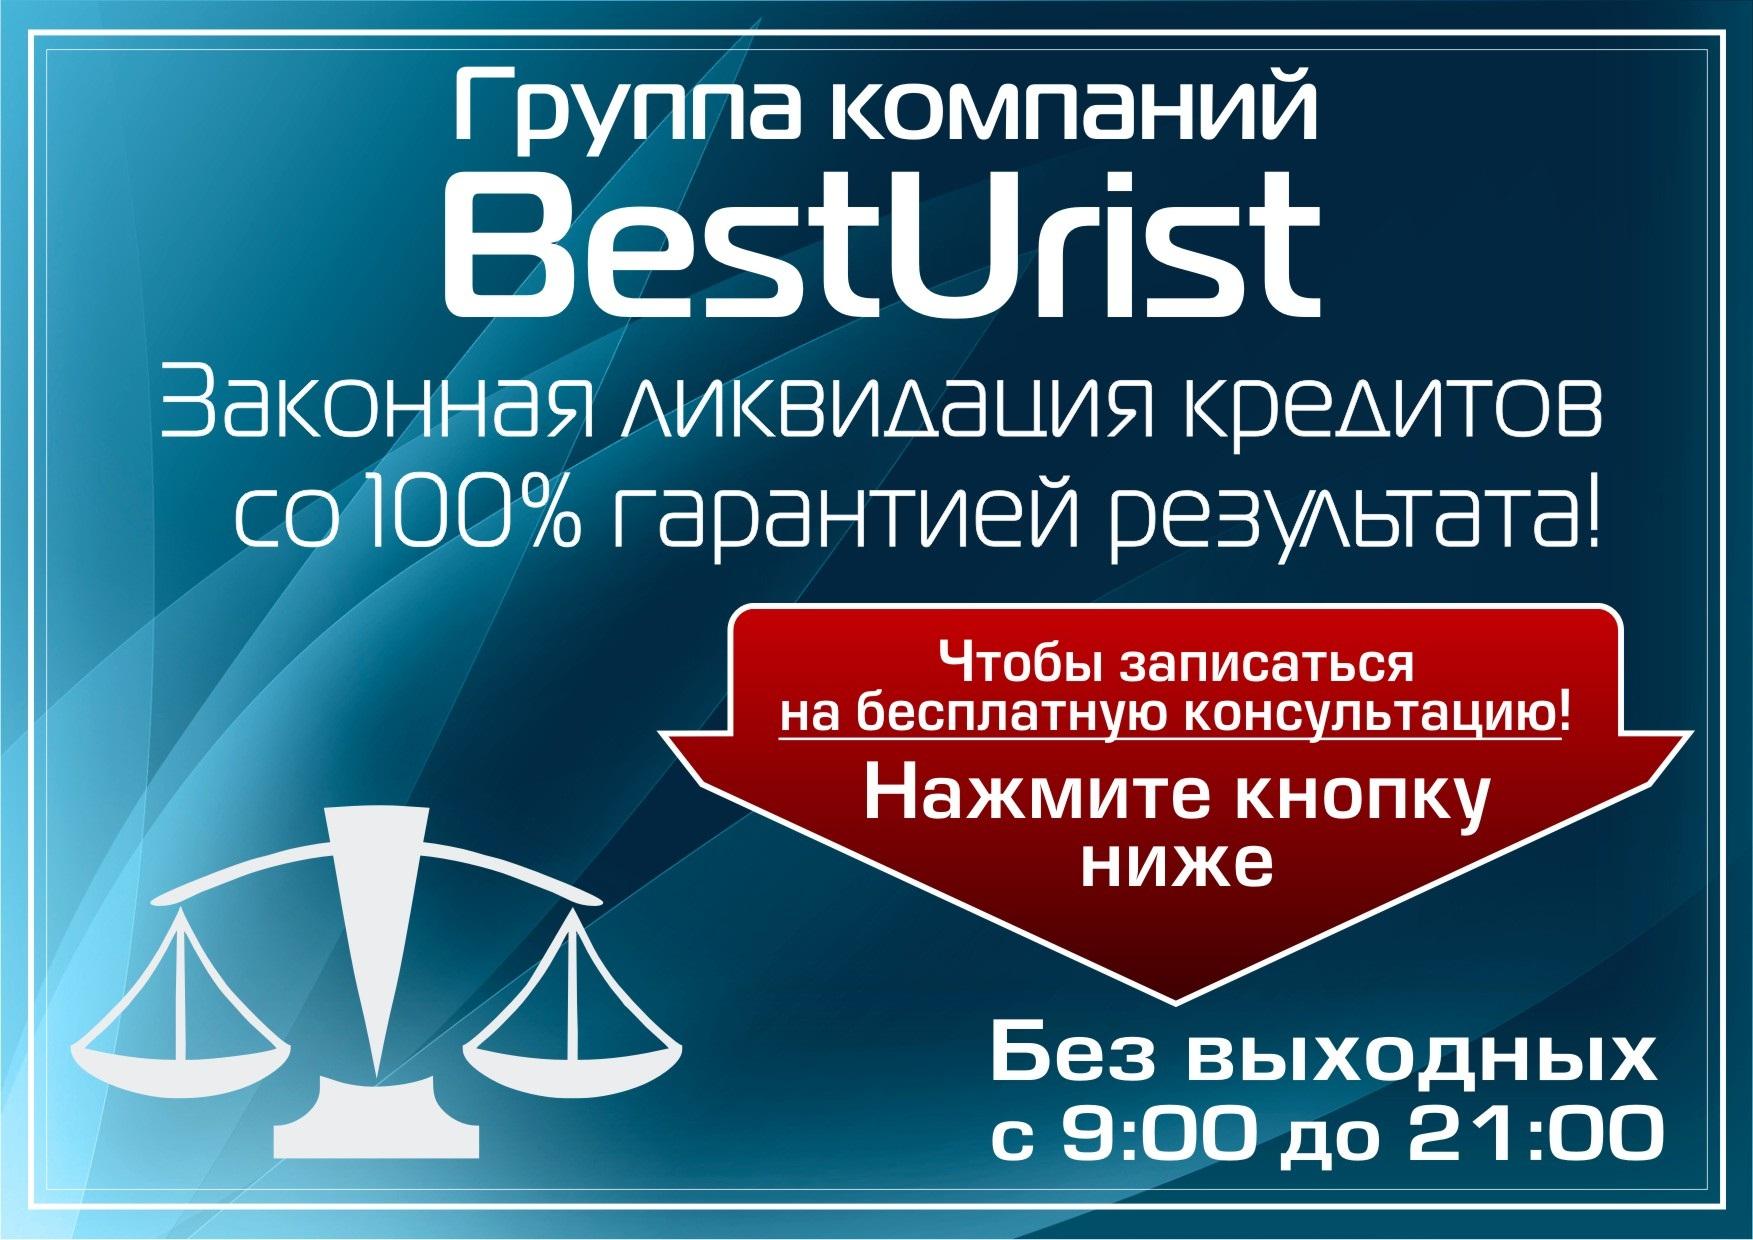 юридическая консультация по кредитной задолженности бесплатно